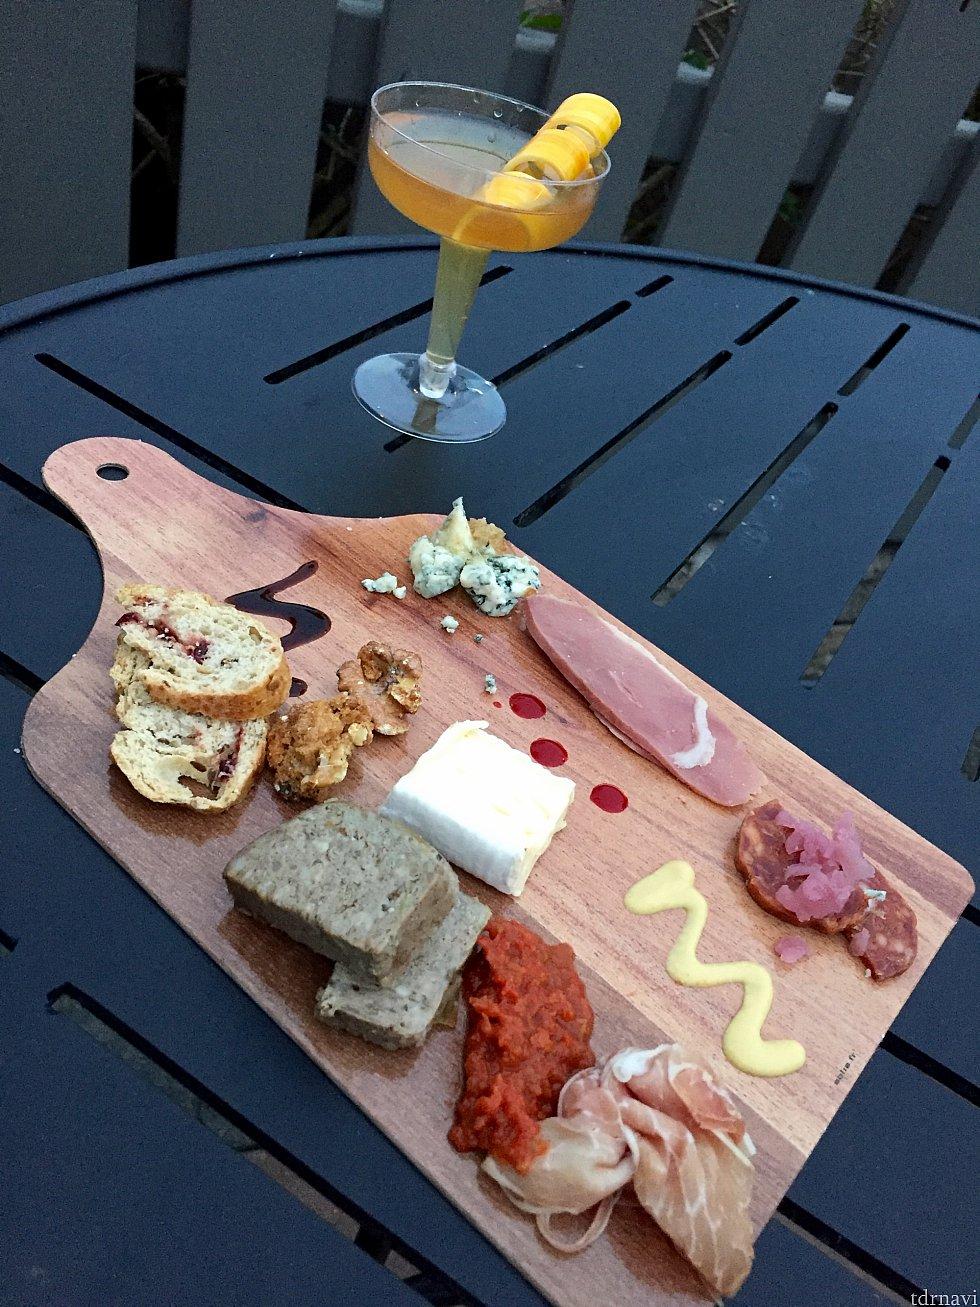 パレットに乗せられてチーズや生ハムなどの、Charcuterie Palette。鴨の胸肉の薫製や、ハチミツのかかったブルーチーズ、シュガーコーティングされたクルミなど、各アイテムが繊細で美味しいんです。